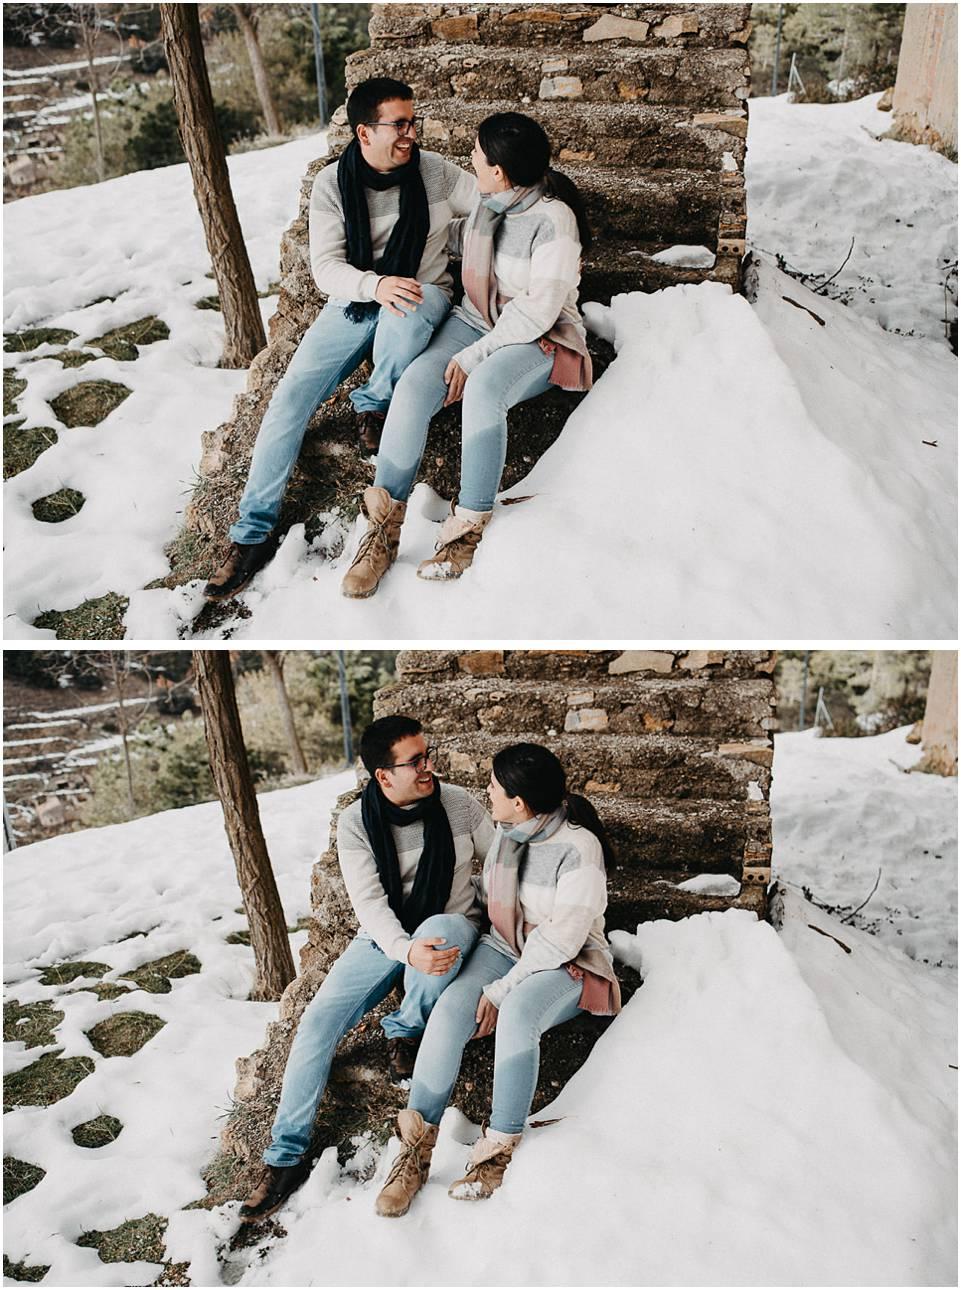 una pareja se divierte en la nieve